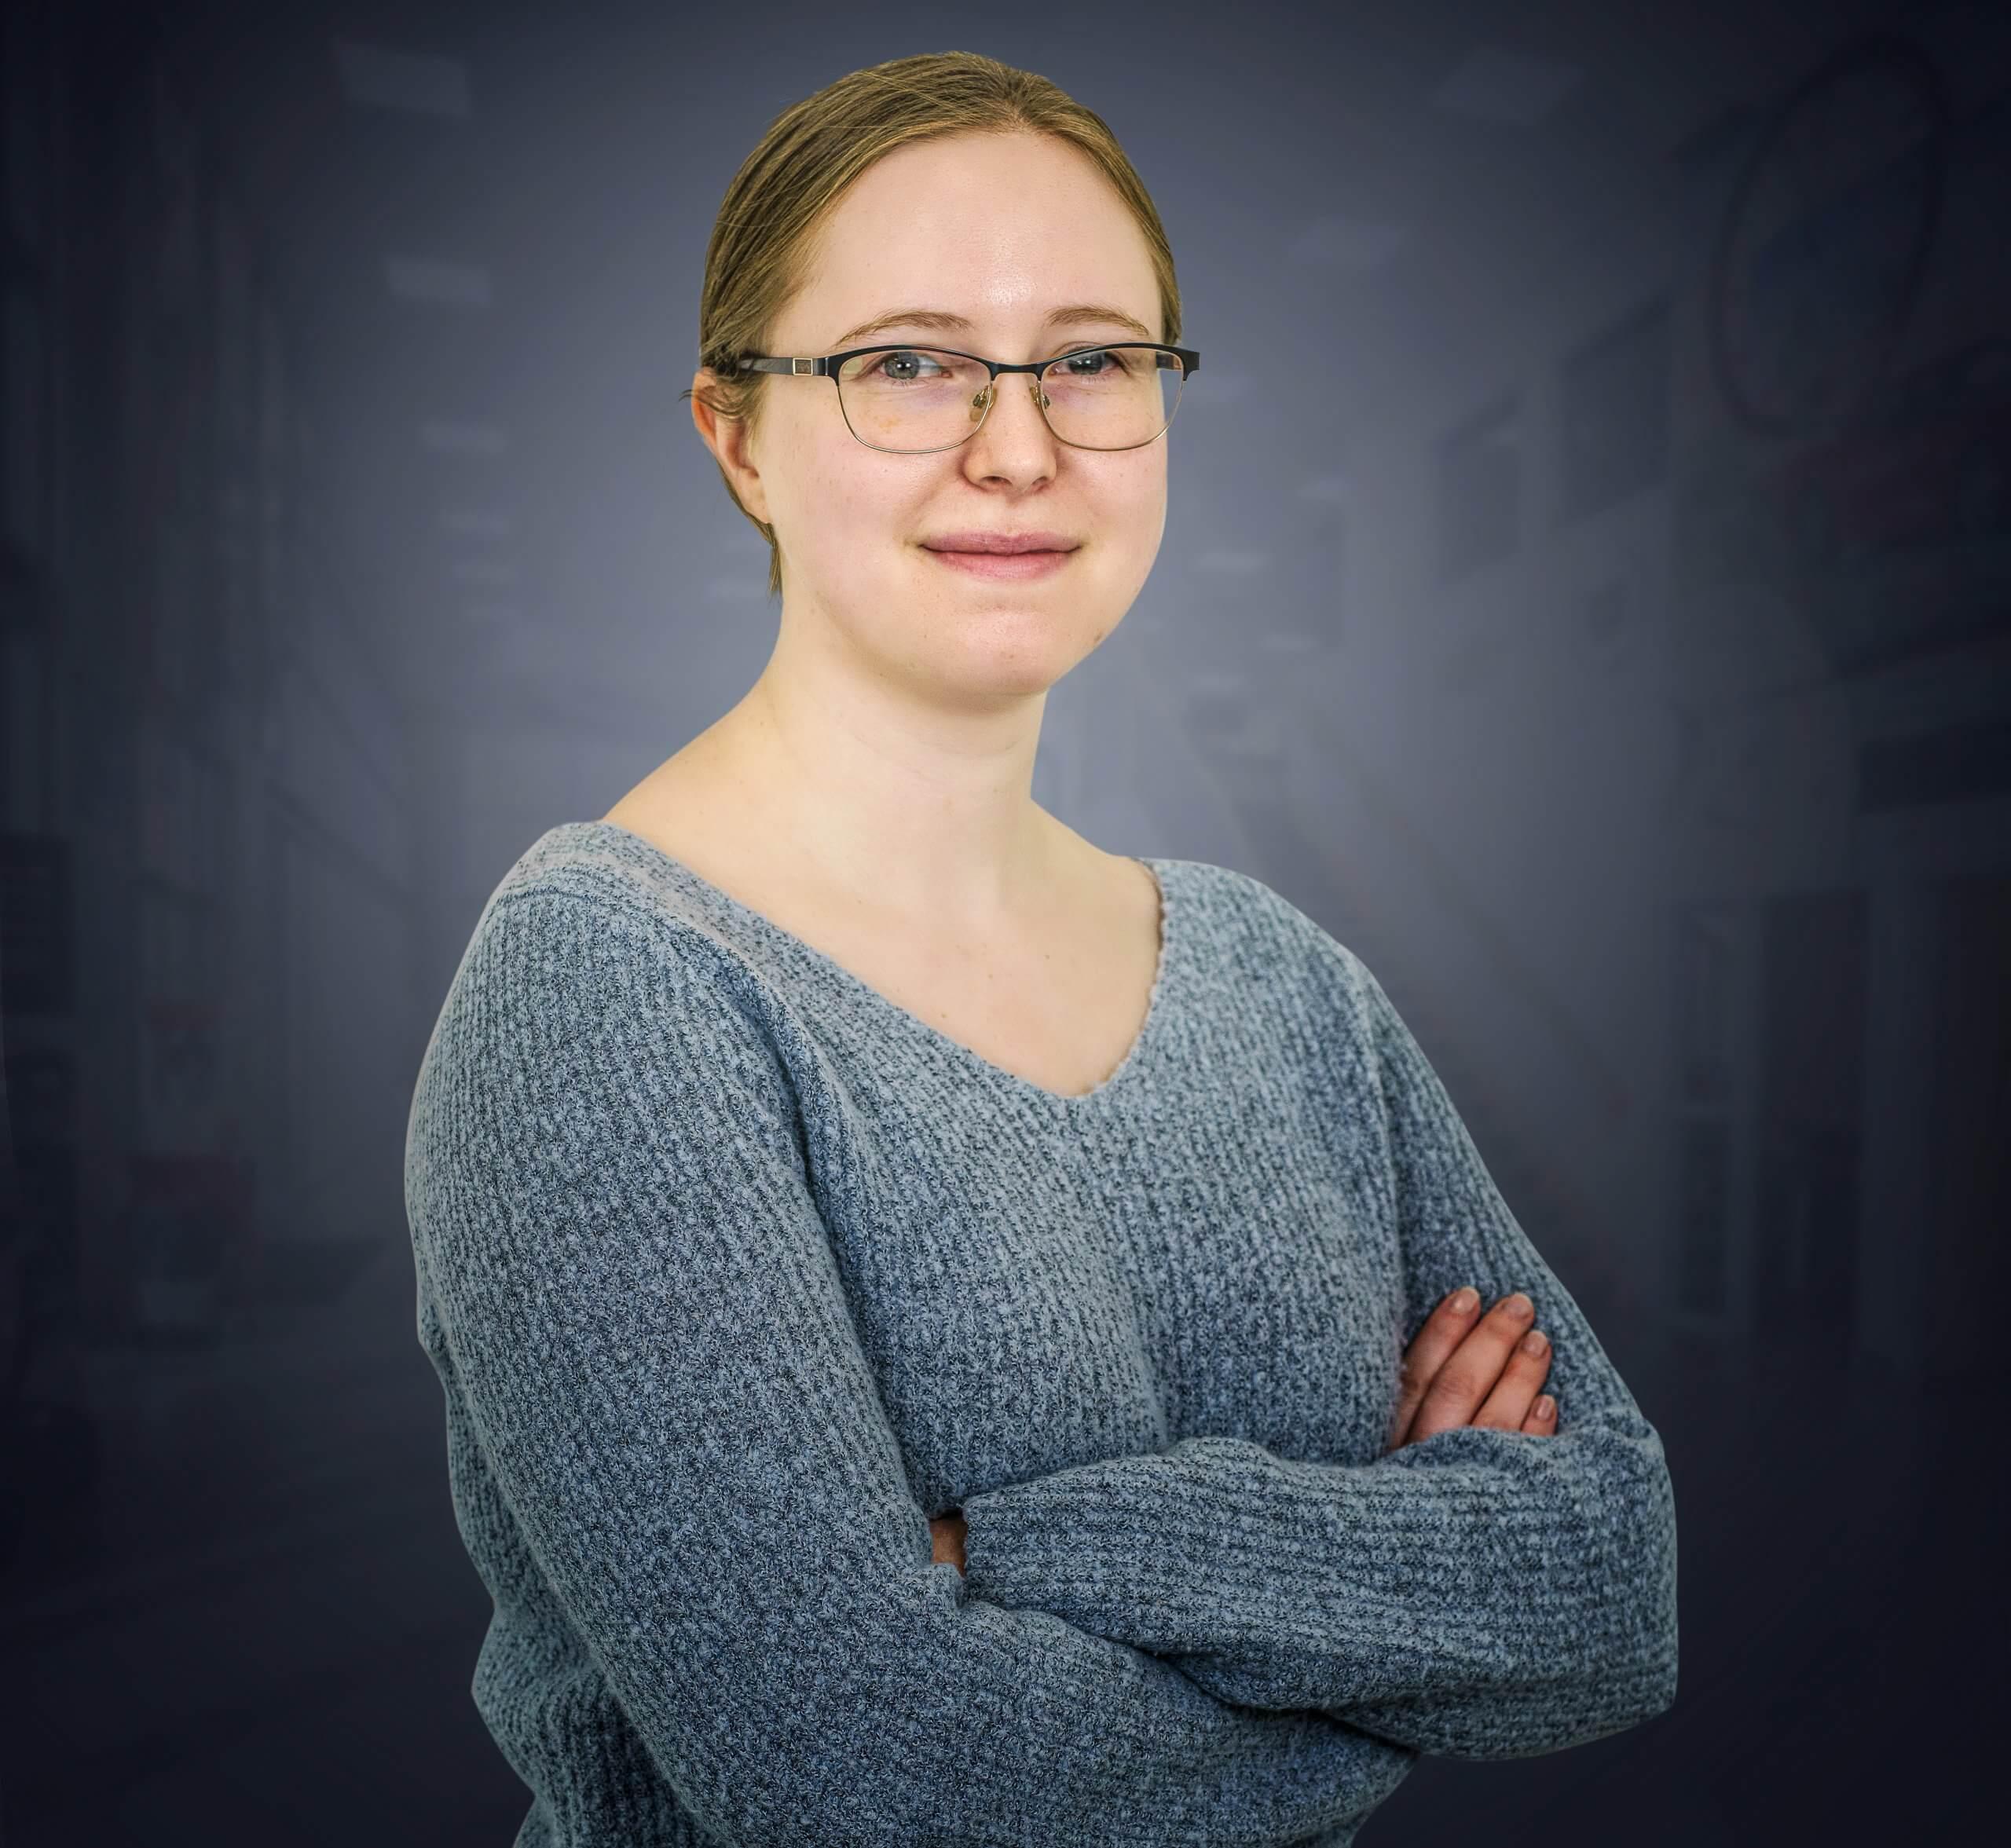 Stephanie Kronebusch